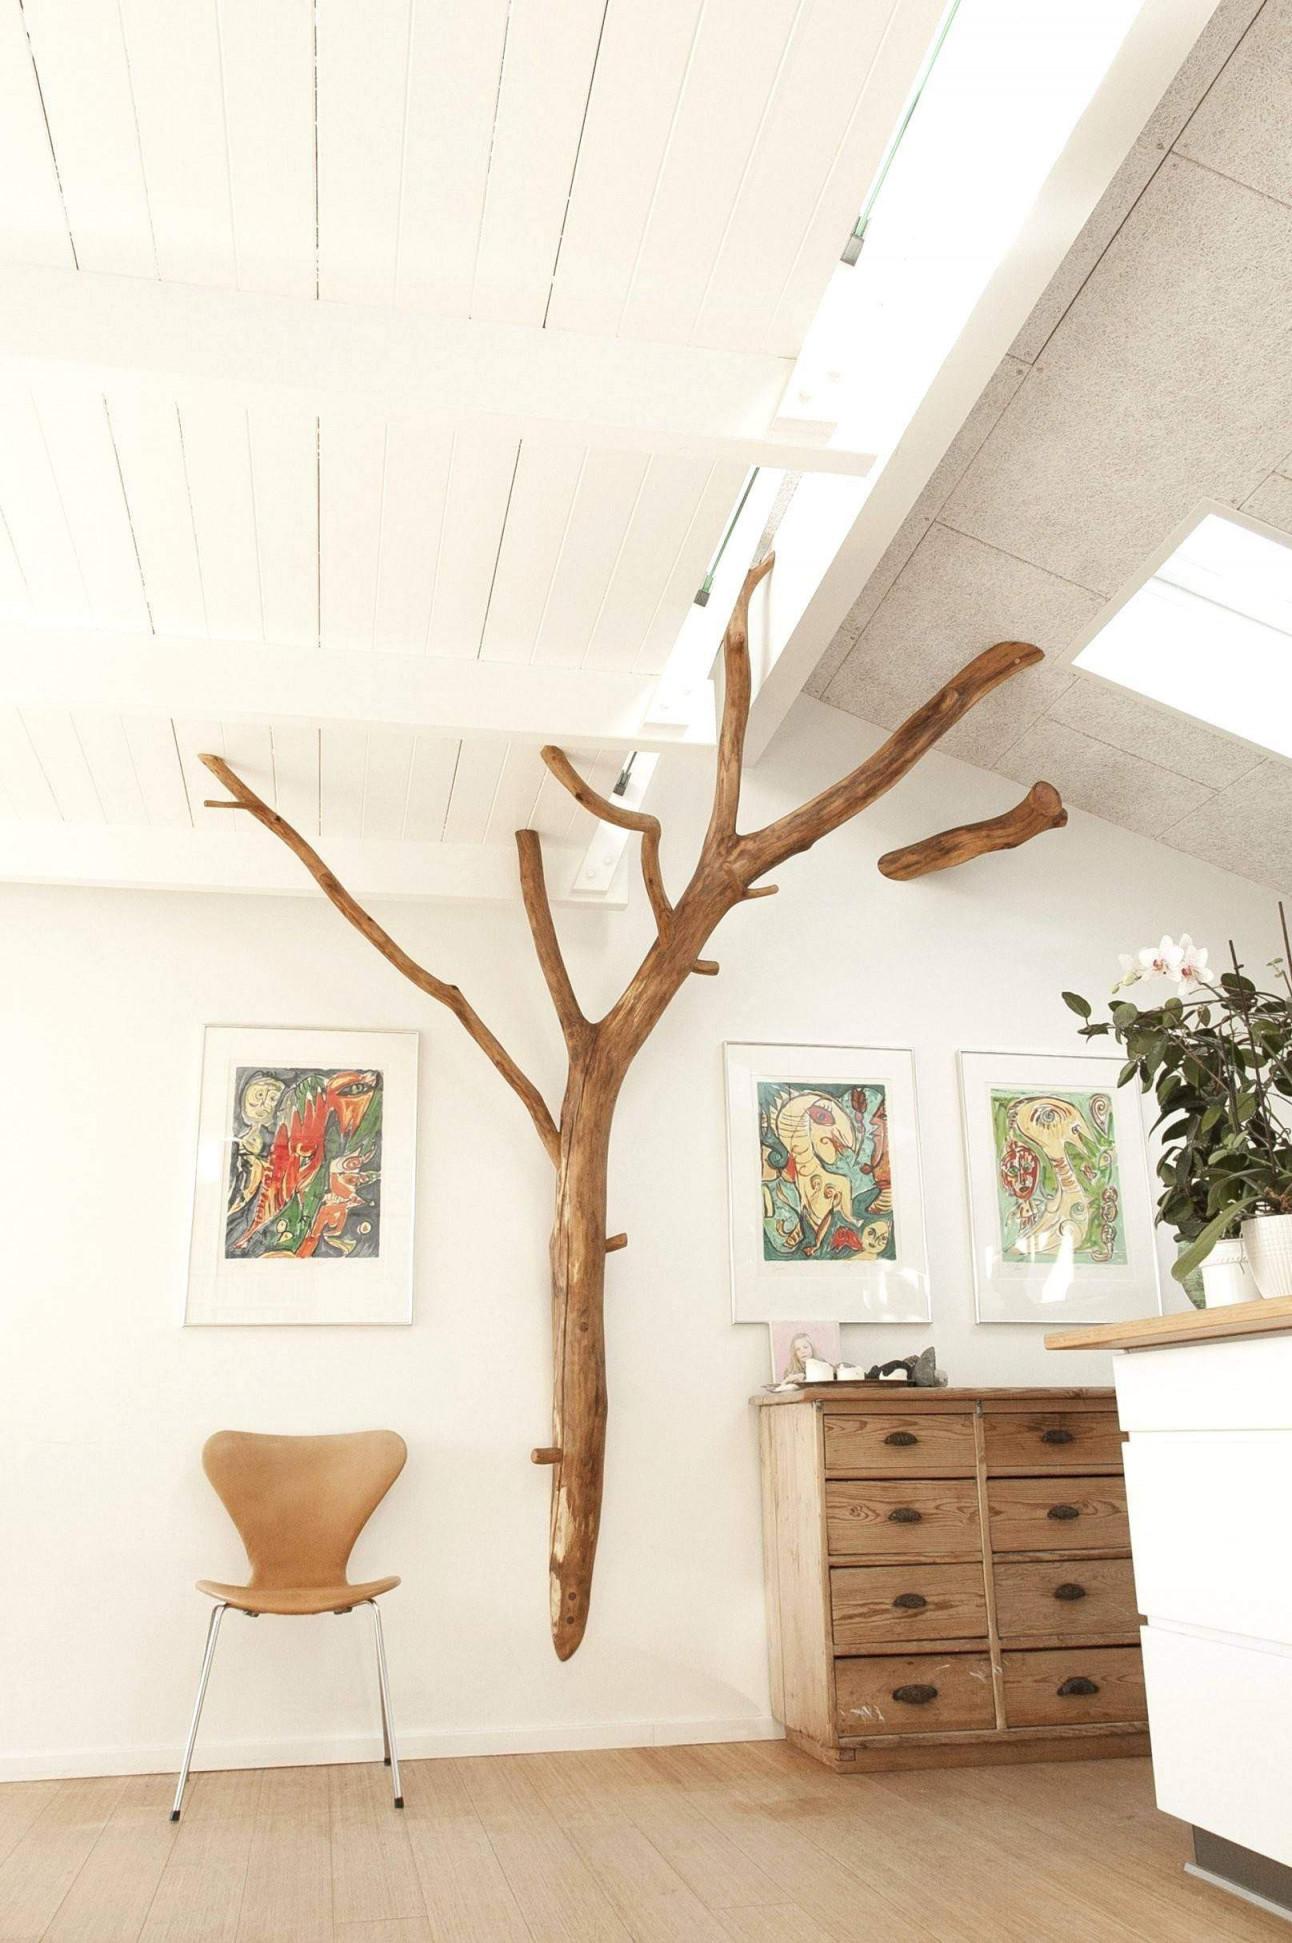 Baum Im Wohnzimmer Inspirierend Luxury Baumstamm Als Deko Im von Baumstamm Deko Wohnzimmer Photo